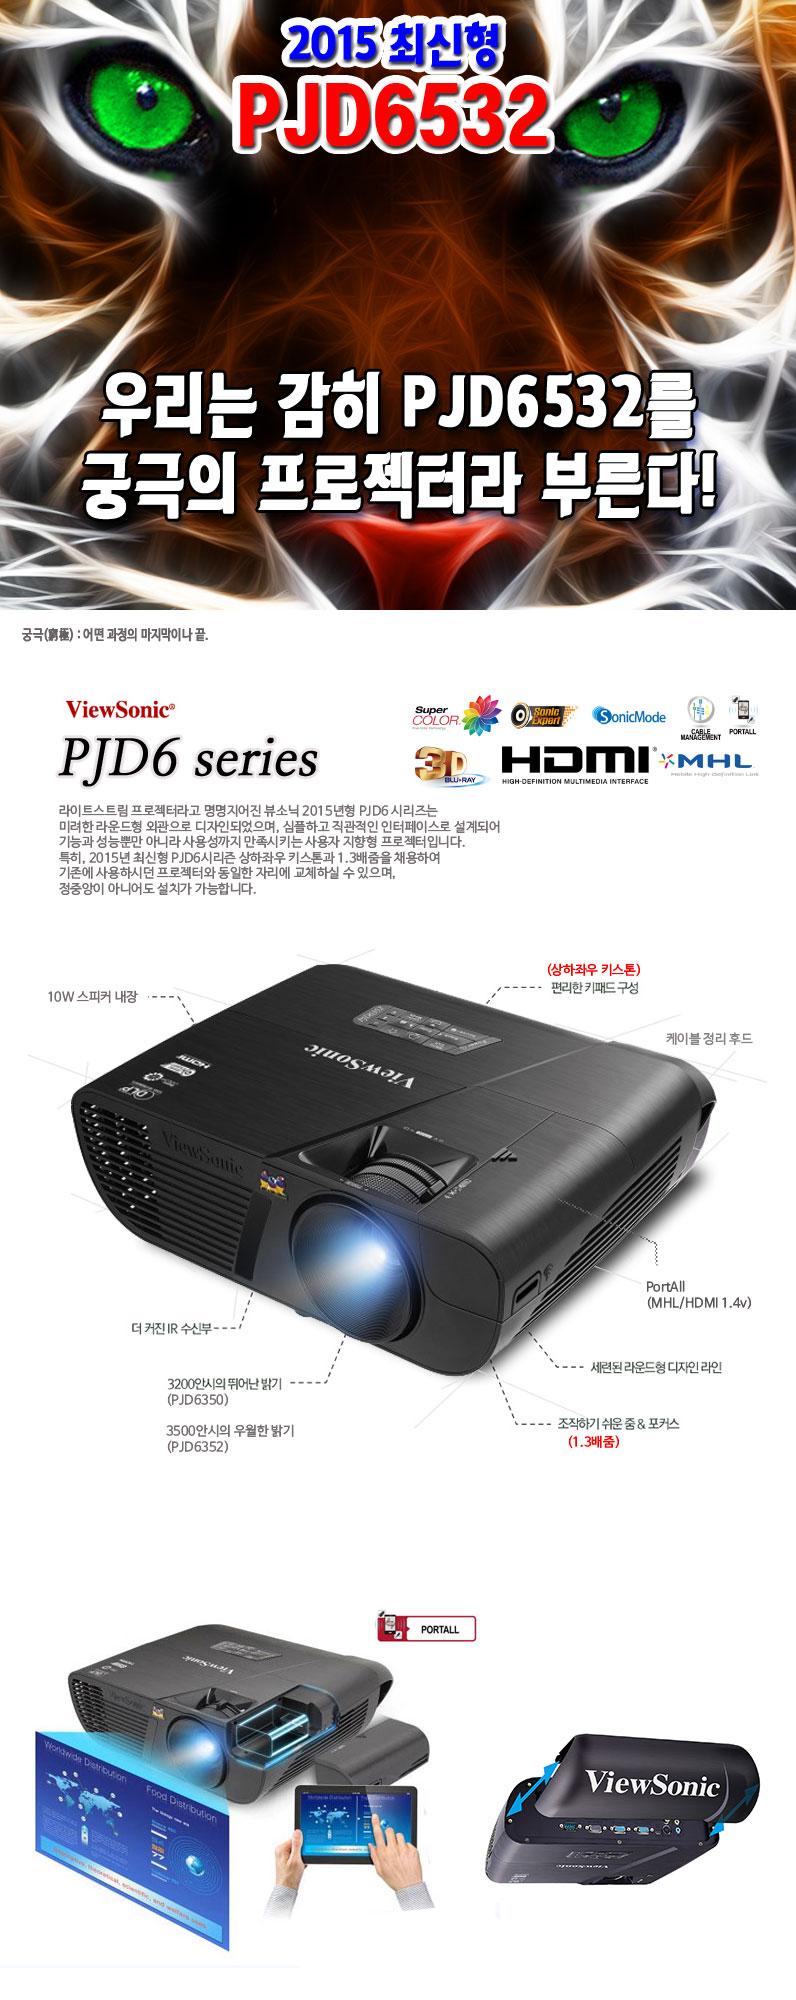 뷰소닉 PJD6352 3500안시빔 프로젝터 빔프로젝트 PortAll 채택, HDMI단자 2개